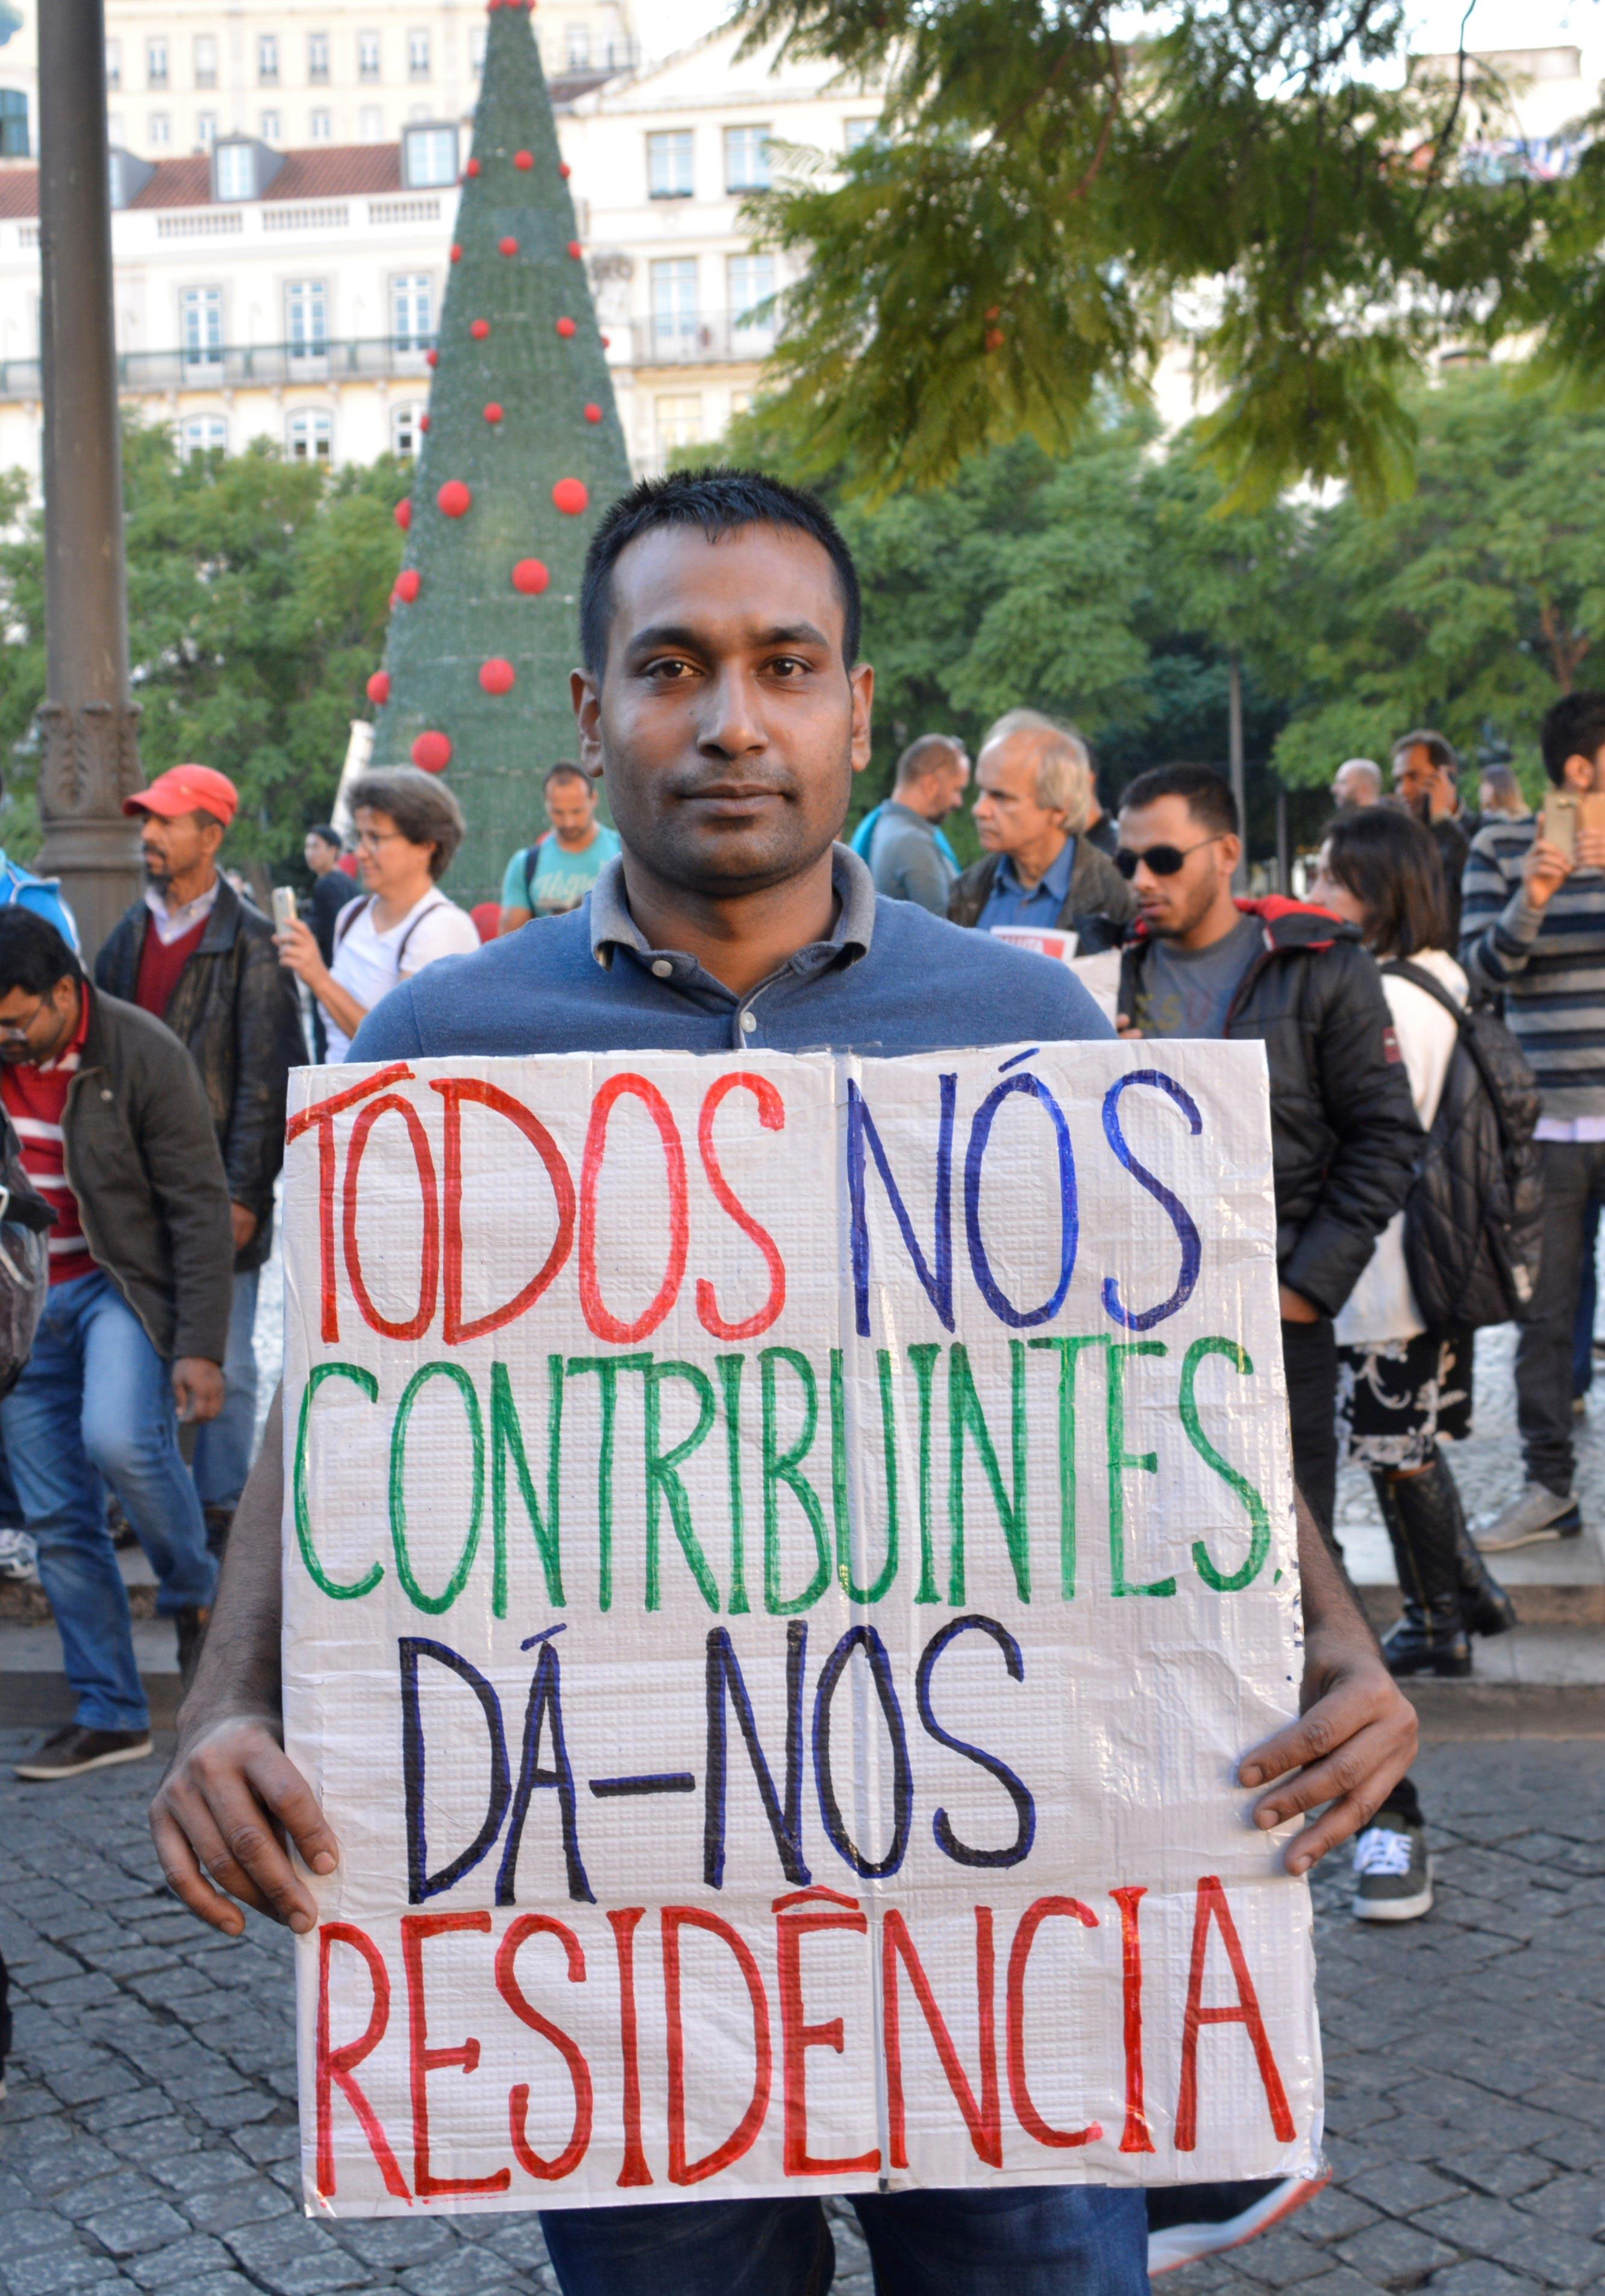 Manifestante imigrante com cartaz que apela a uma emissão de vistos de residência menos demorada.